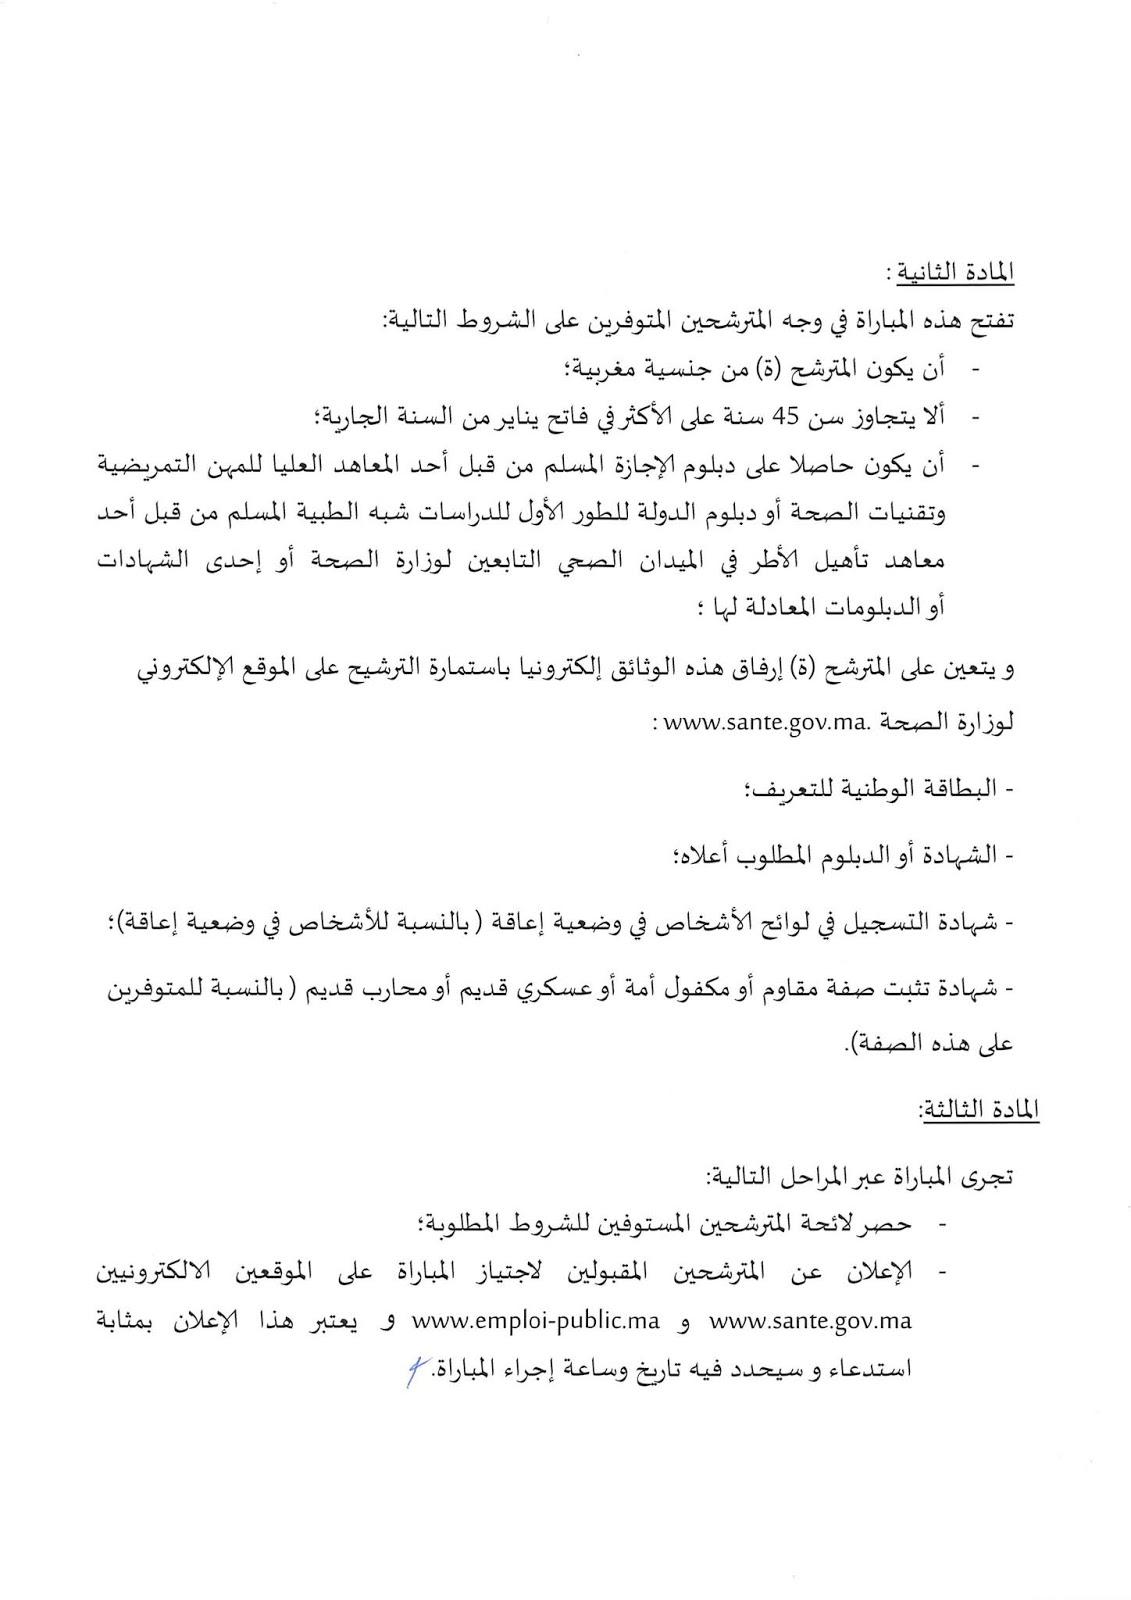 وزارة الصحة مباراة لتوظيف